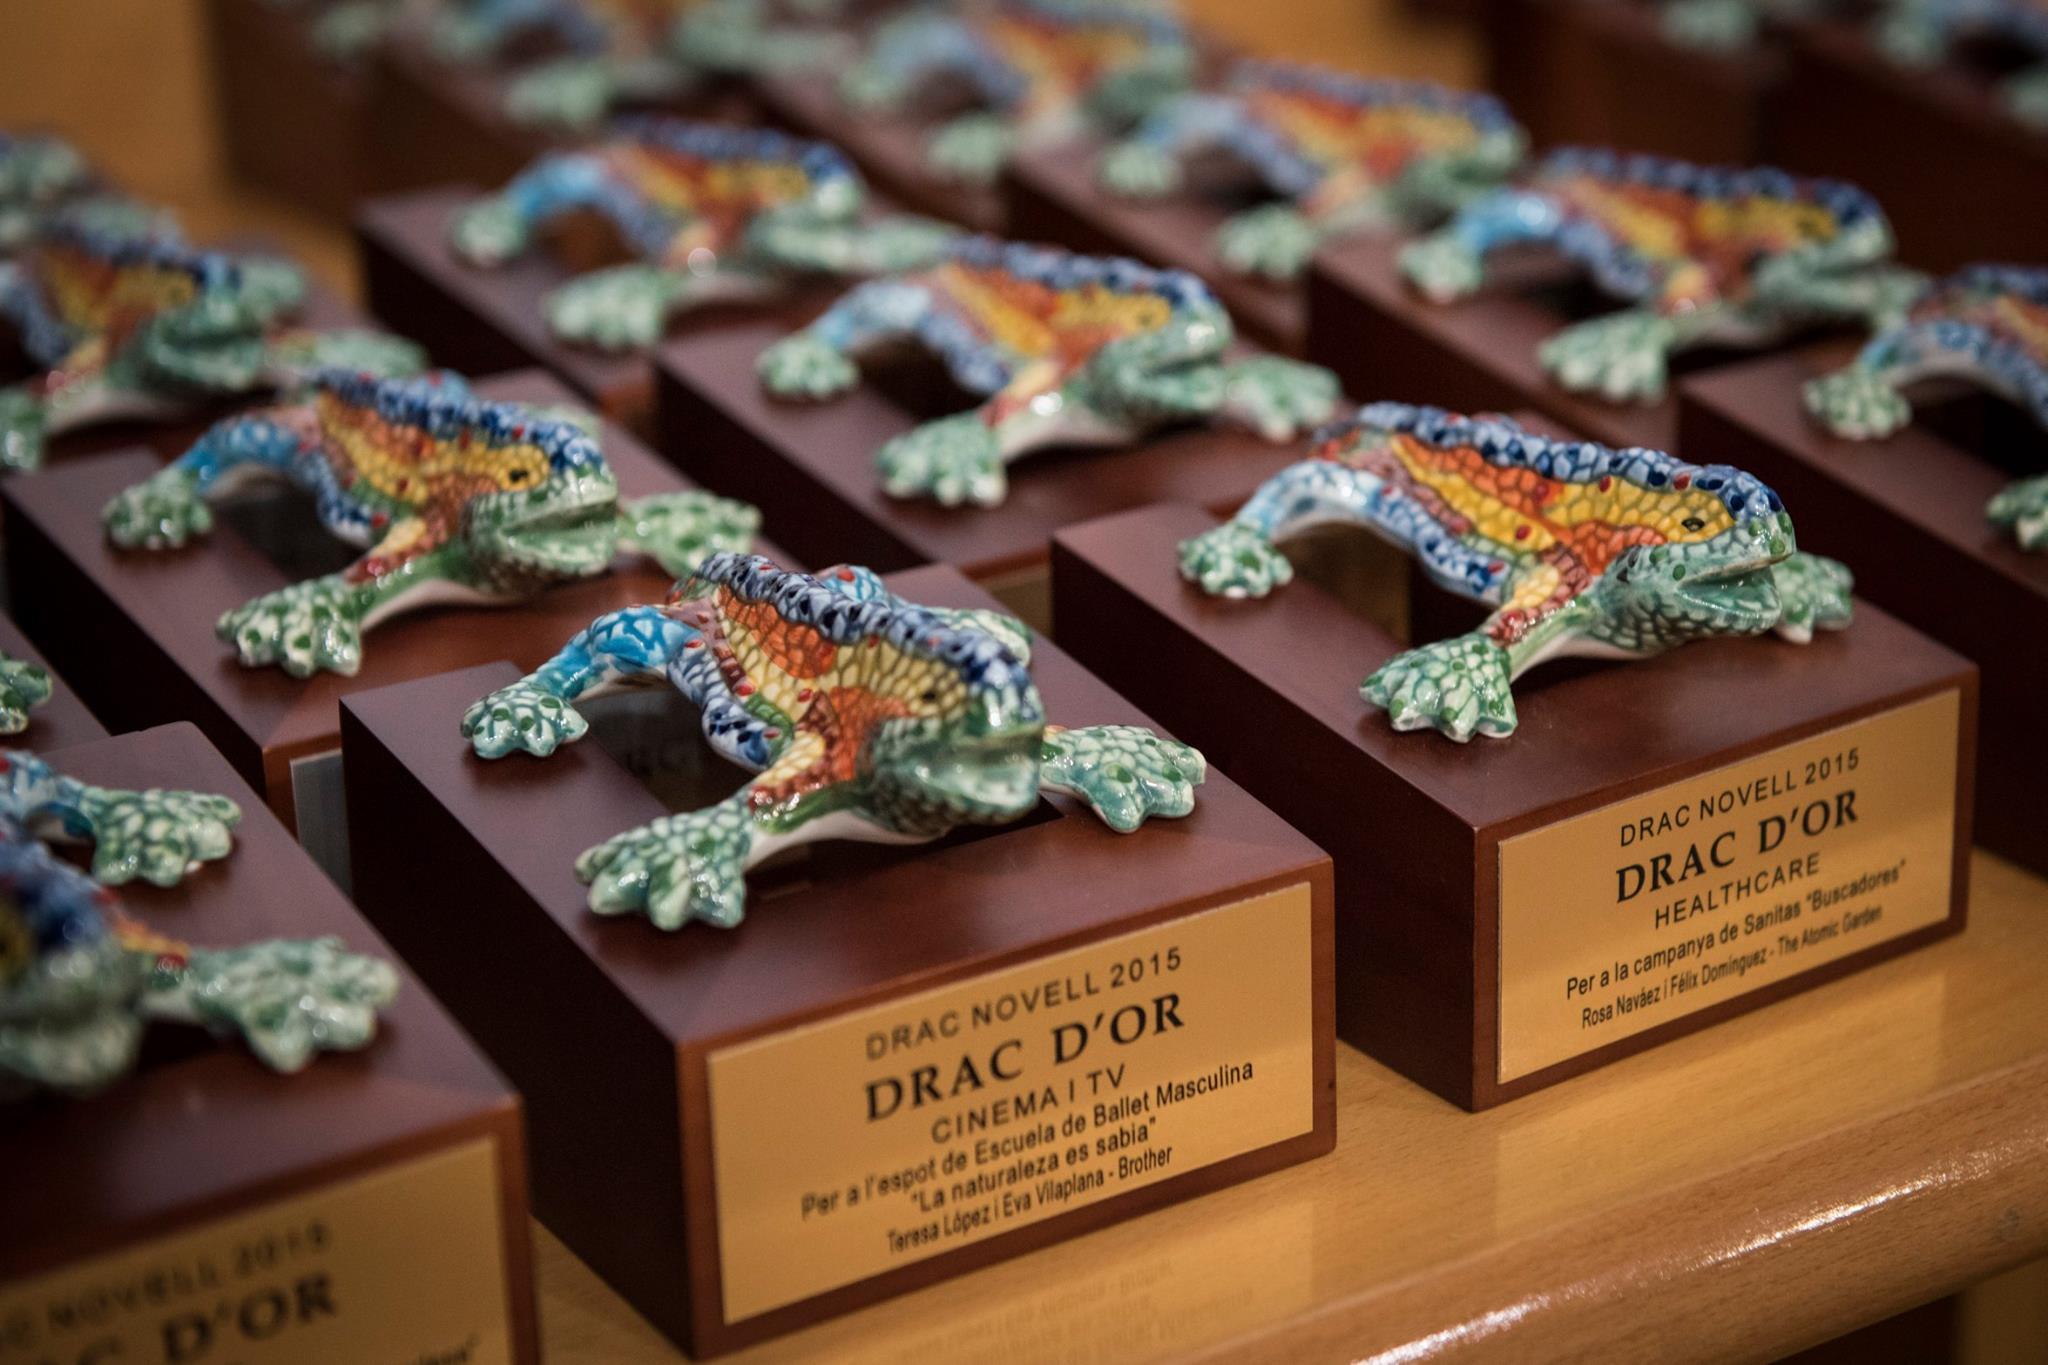 Innuo ha patrocinado los Premios Drac Novell 2015